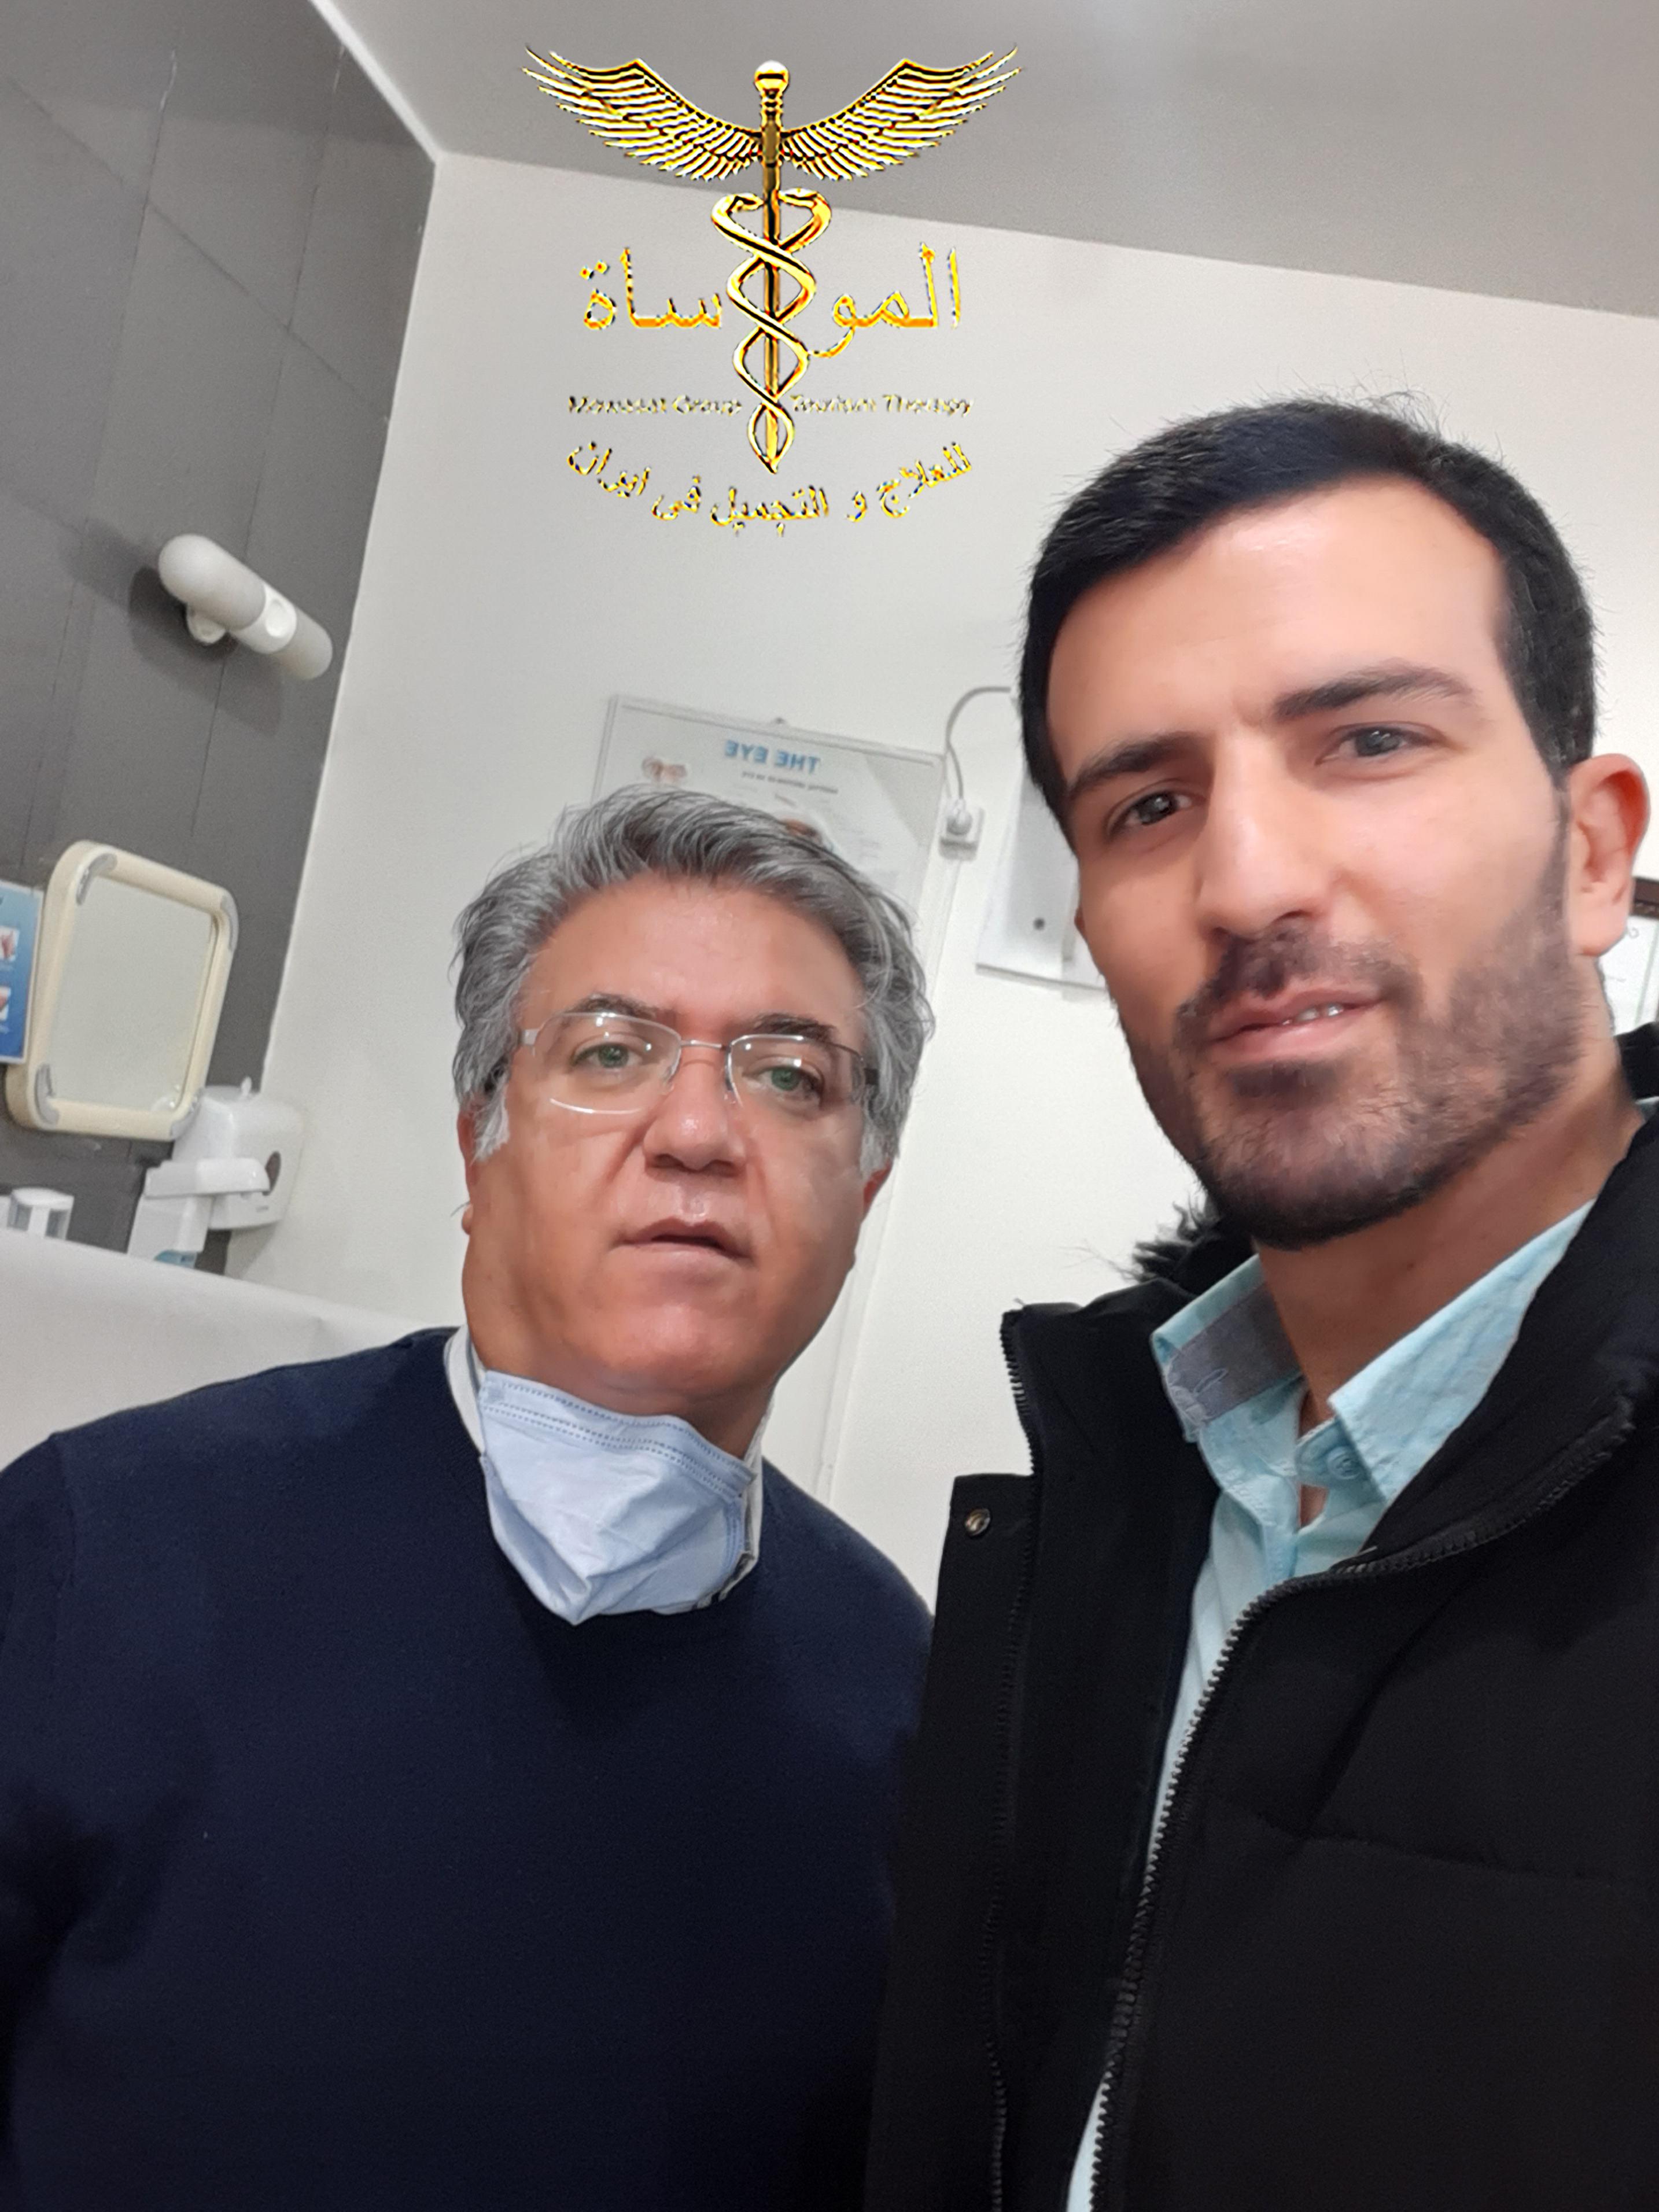 عمليات التجميل و طب العيون في إيران - شيراز   شركة المواساة للعلاج و التجميل في إيران